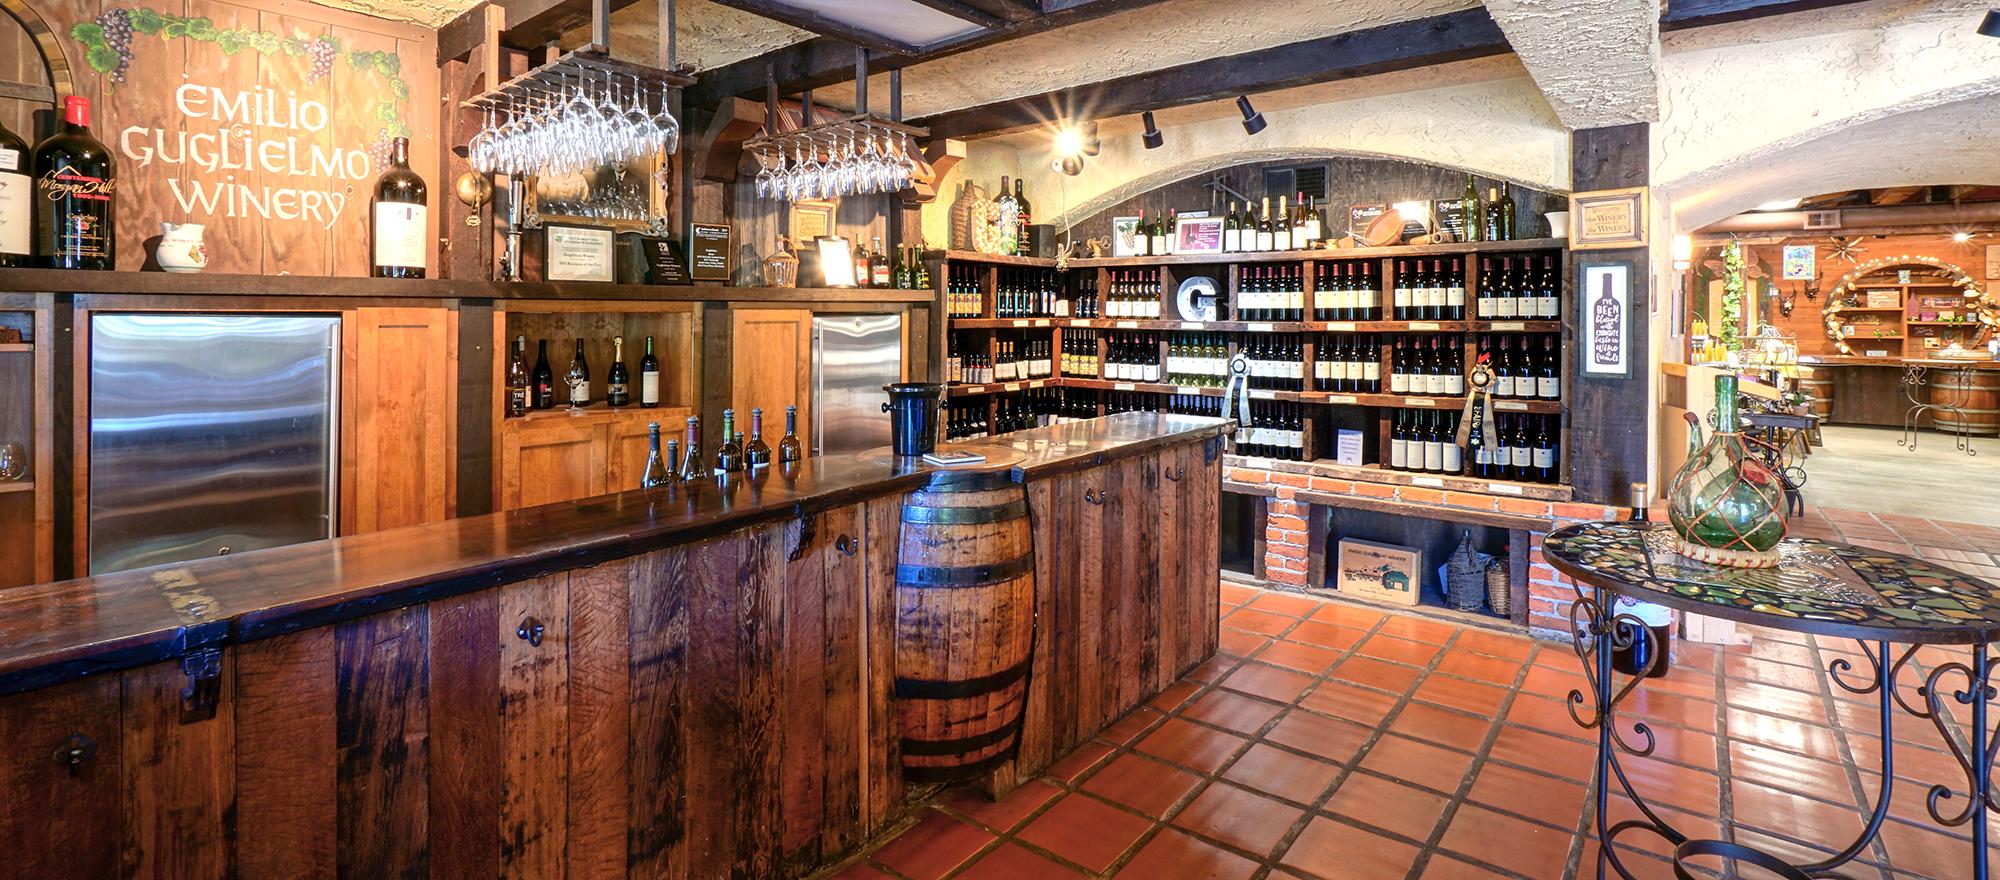 Guglielmo Winery Tasting Room Slider